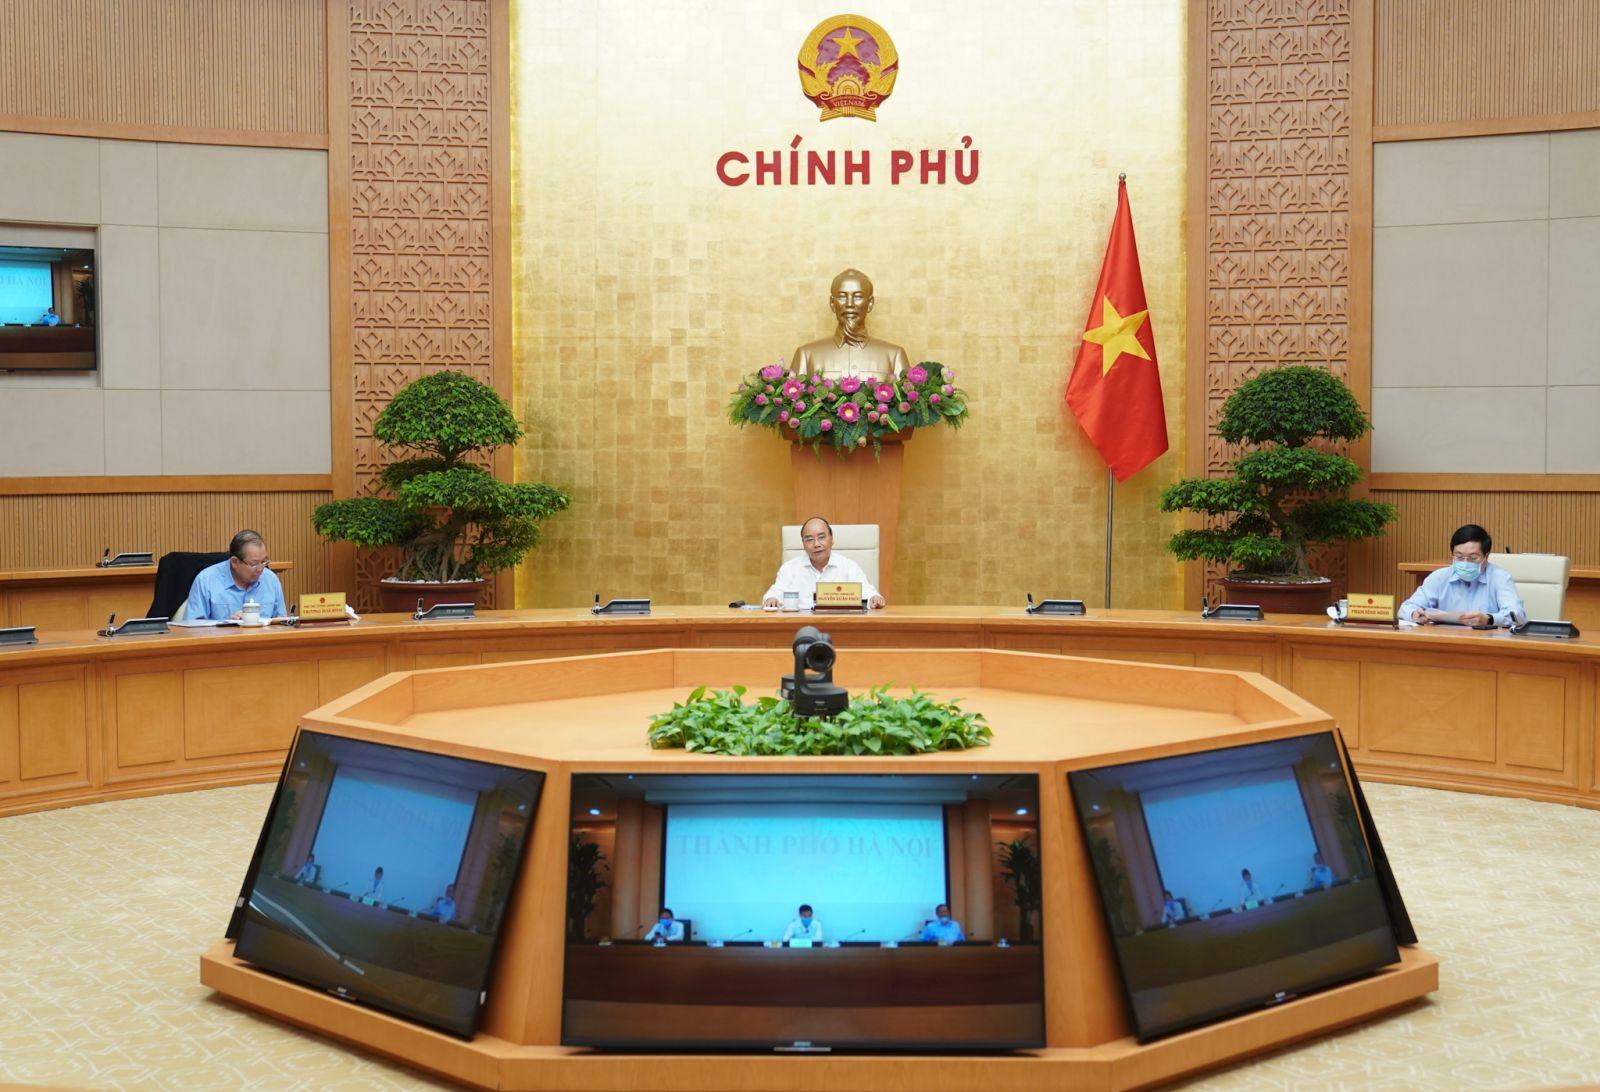 Thủ tướng Nguyễn Xuân Phúc chủ trì phiên họp. Ảnh: VGP/Quang Hiếu